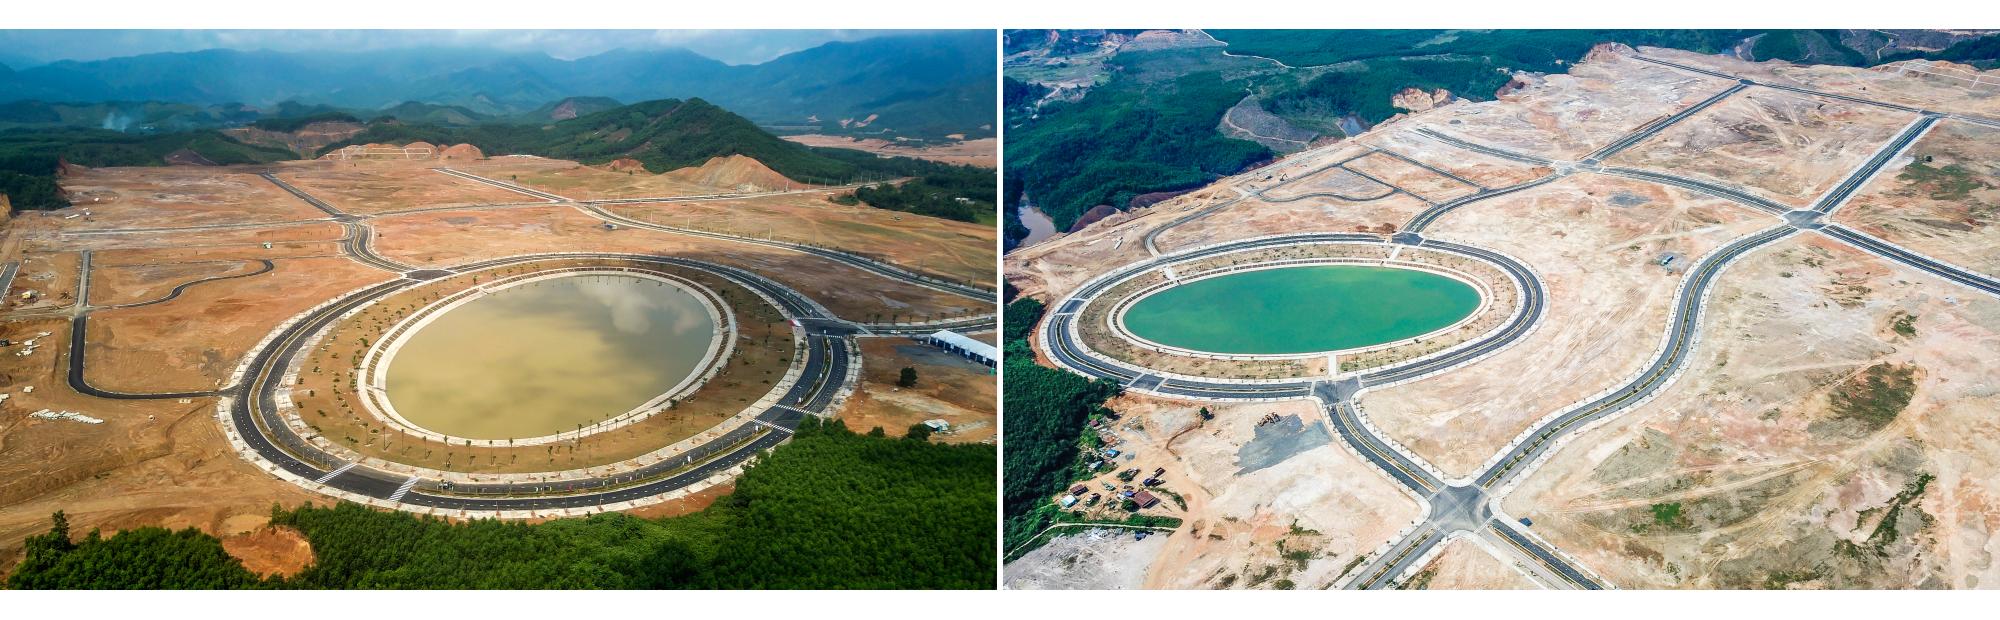 """Tham vọng biến khu đất cằn cỗi thành """"thung lũng Silicon"""" của Trungnam Group ở Đà Nẵng - Ảnh 1."""